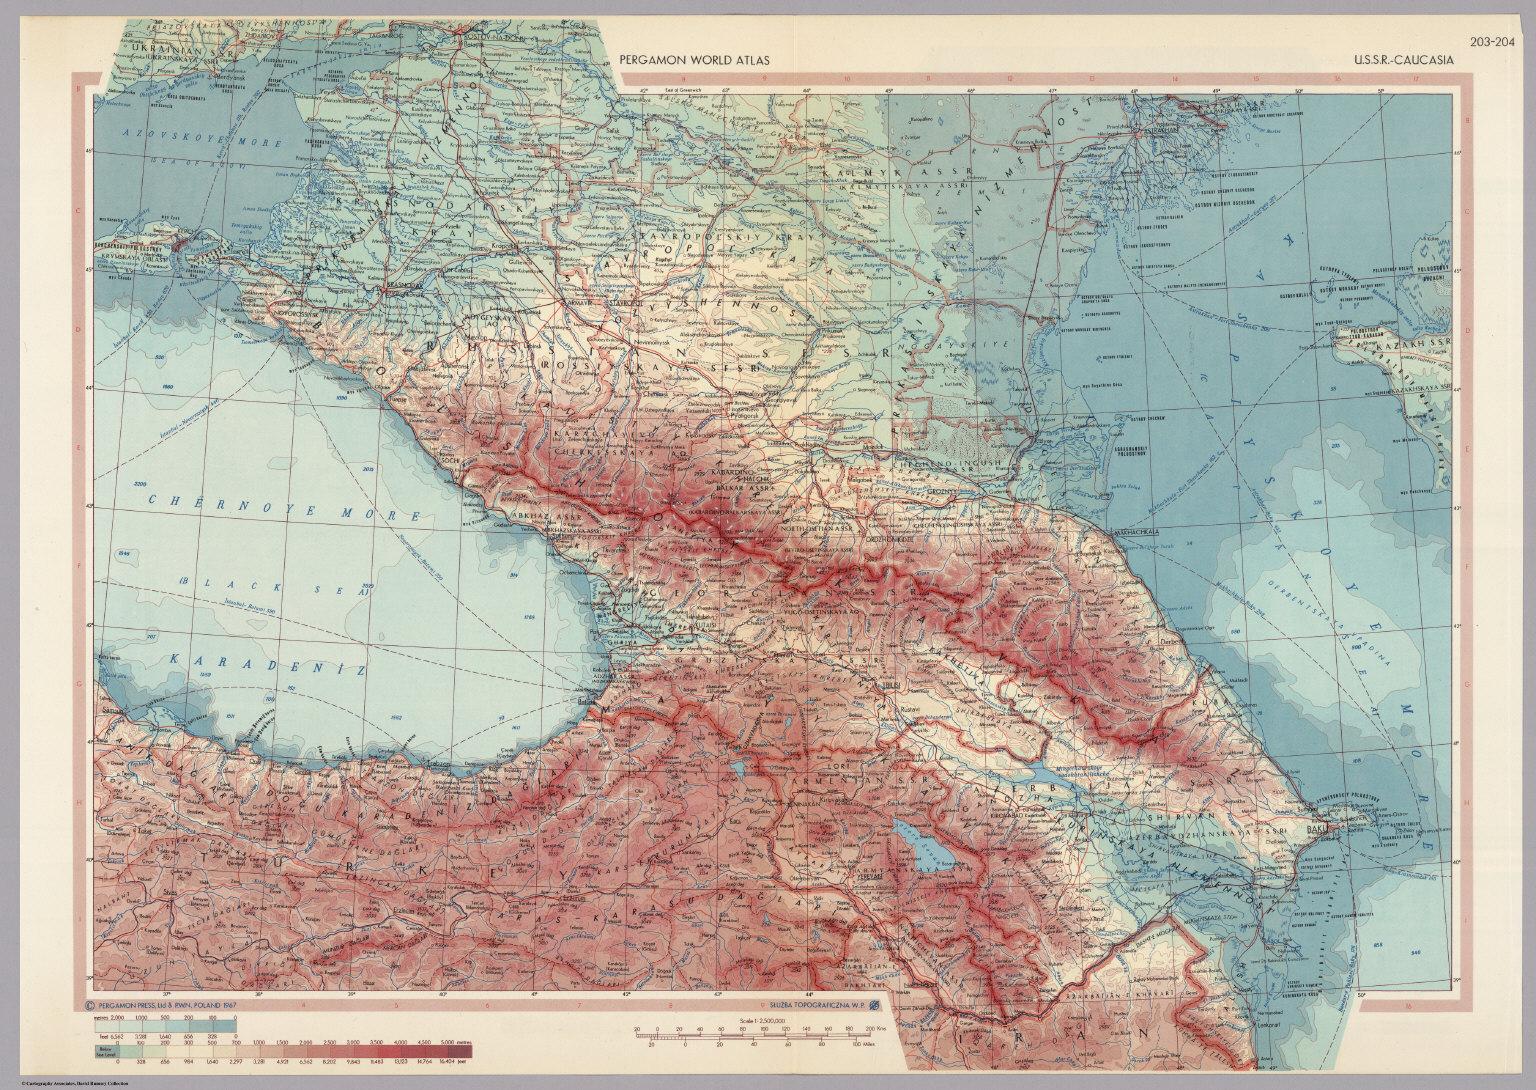 Ussr caucasia pergamon world atlas david rumsey pergamon world atlas gumiabroncs Image collections